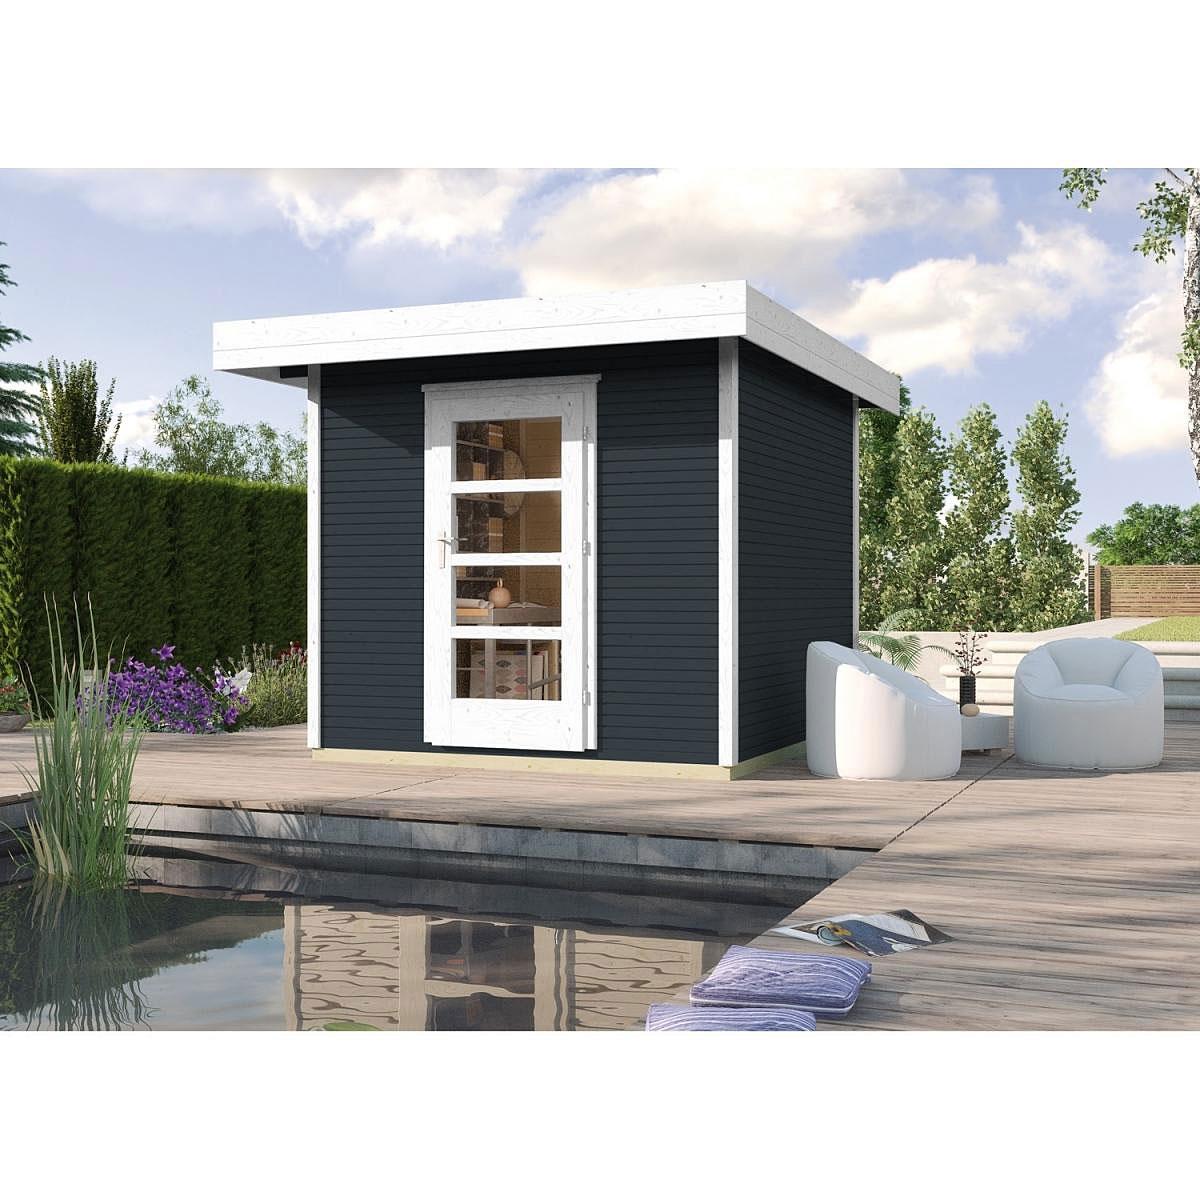 Weka Holz-Gartenhaus wekaLine Anthrazit 210 cm x 205 cm